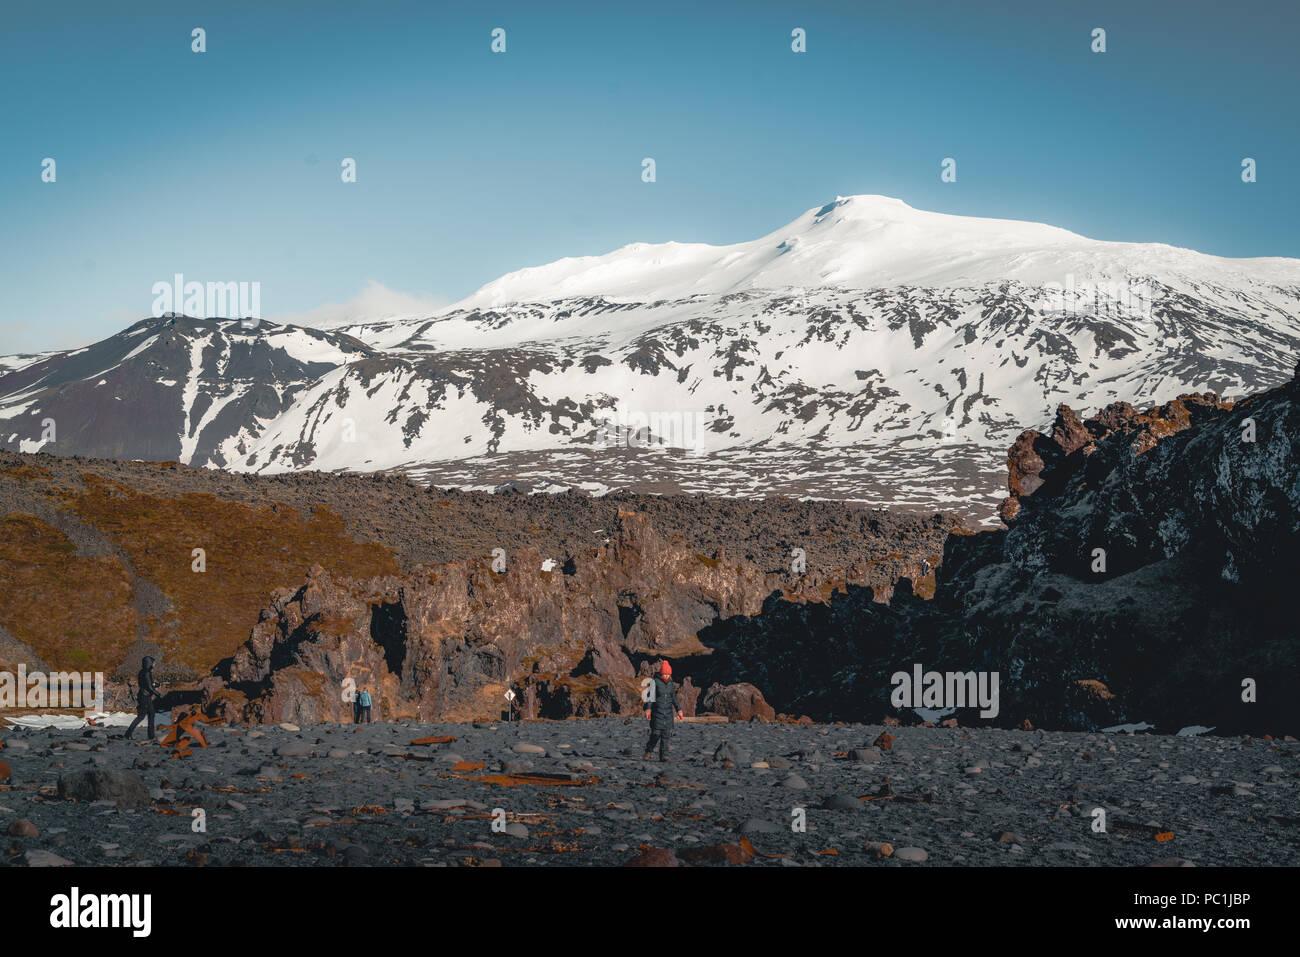 Playa de arena negra de Islandia con nieve montaña snaefellsnesjokull cielo azul de fondo. Si el lado occidental del país. Imagen De Stock